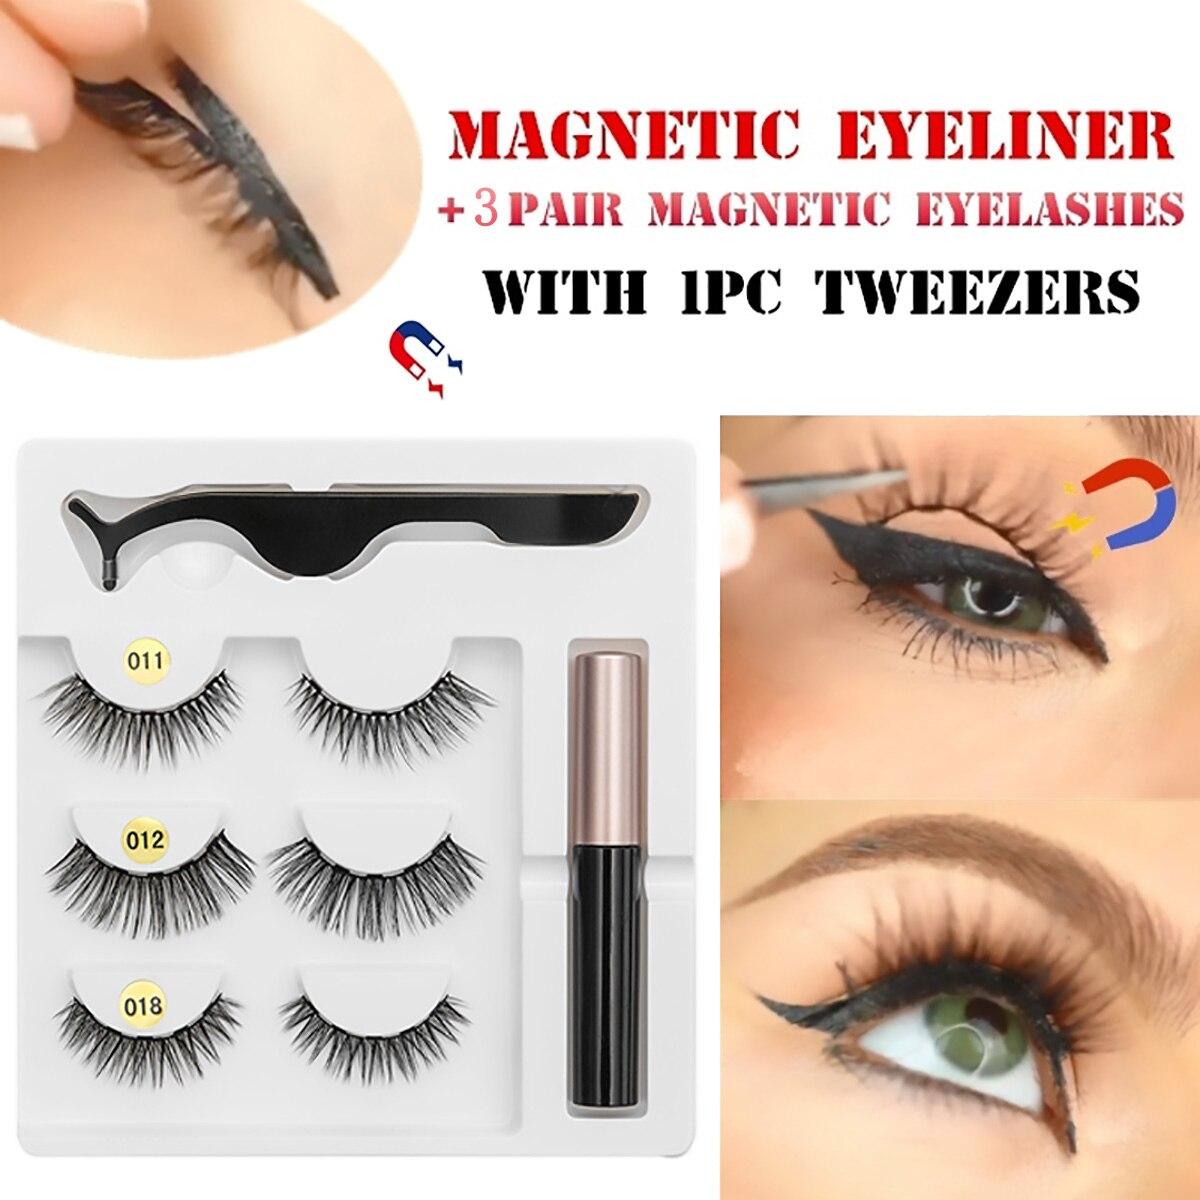 5 Magnet Eyelash Magnetic Liquid Eyeliner& Magnetic False Eyelashes &  Tweezer Set Waterproof Long Lasting Eyelash Extension